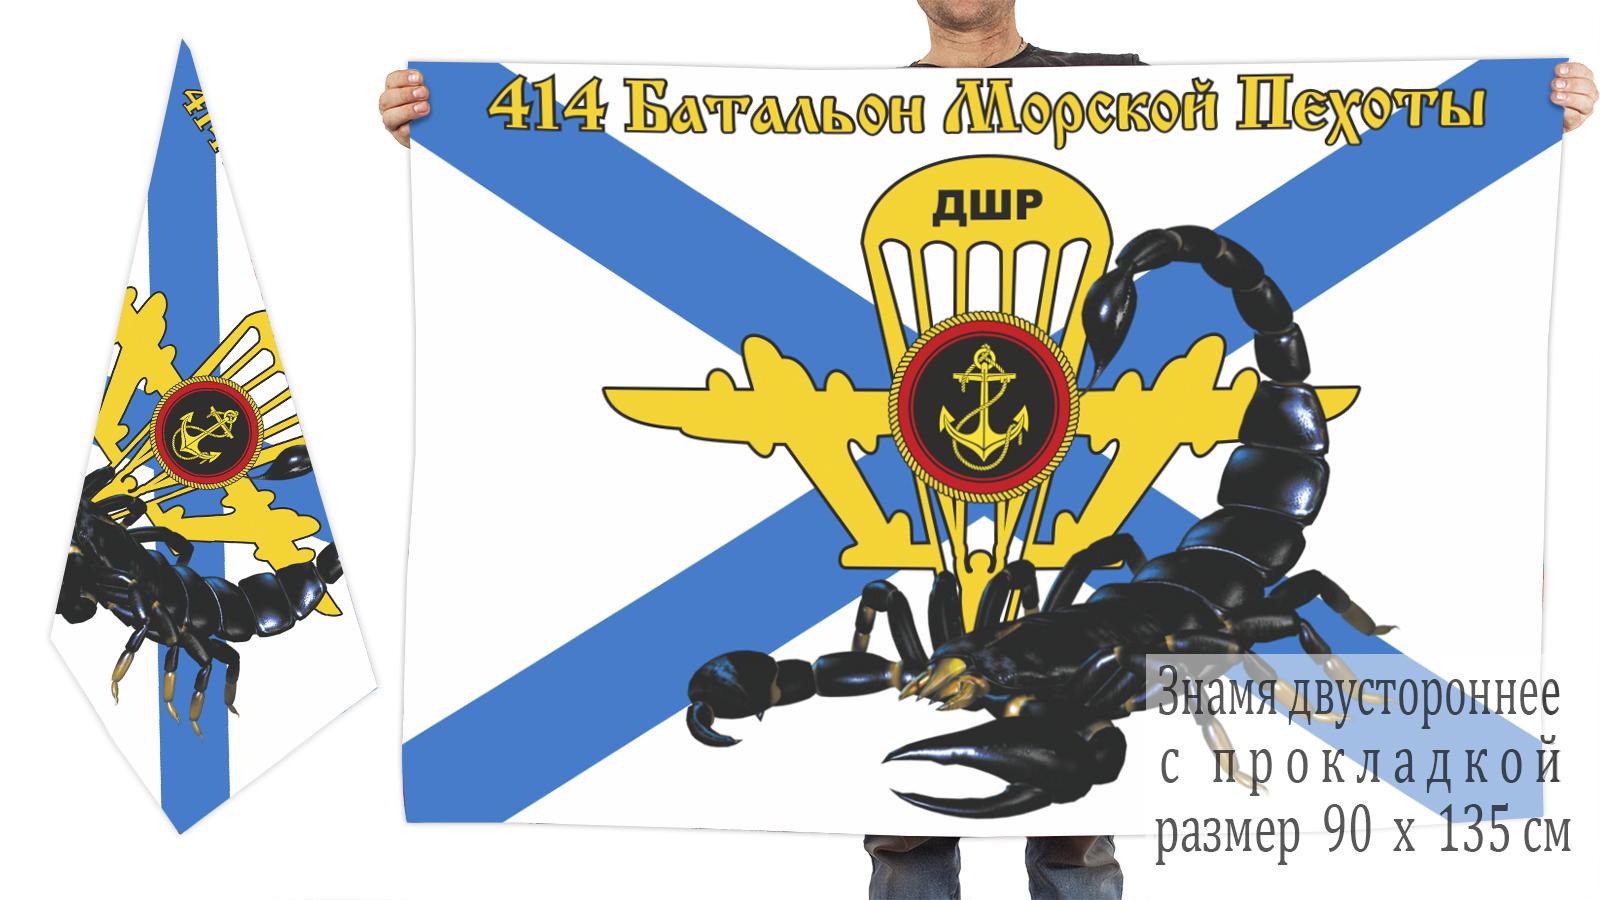 Двусторонний флаг 414-ого батальона Морской пехоты ДШР